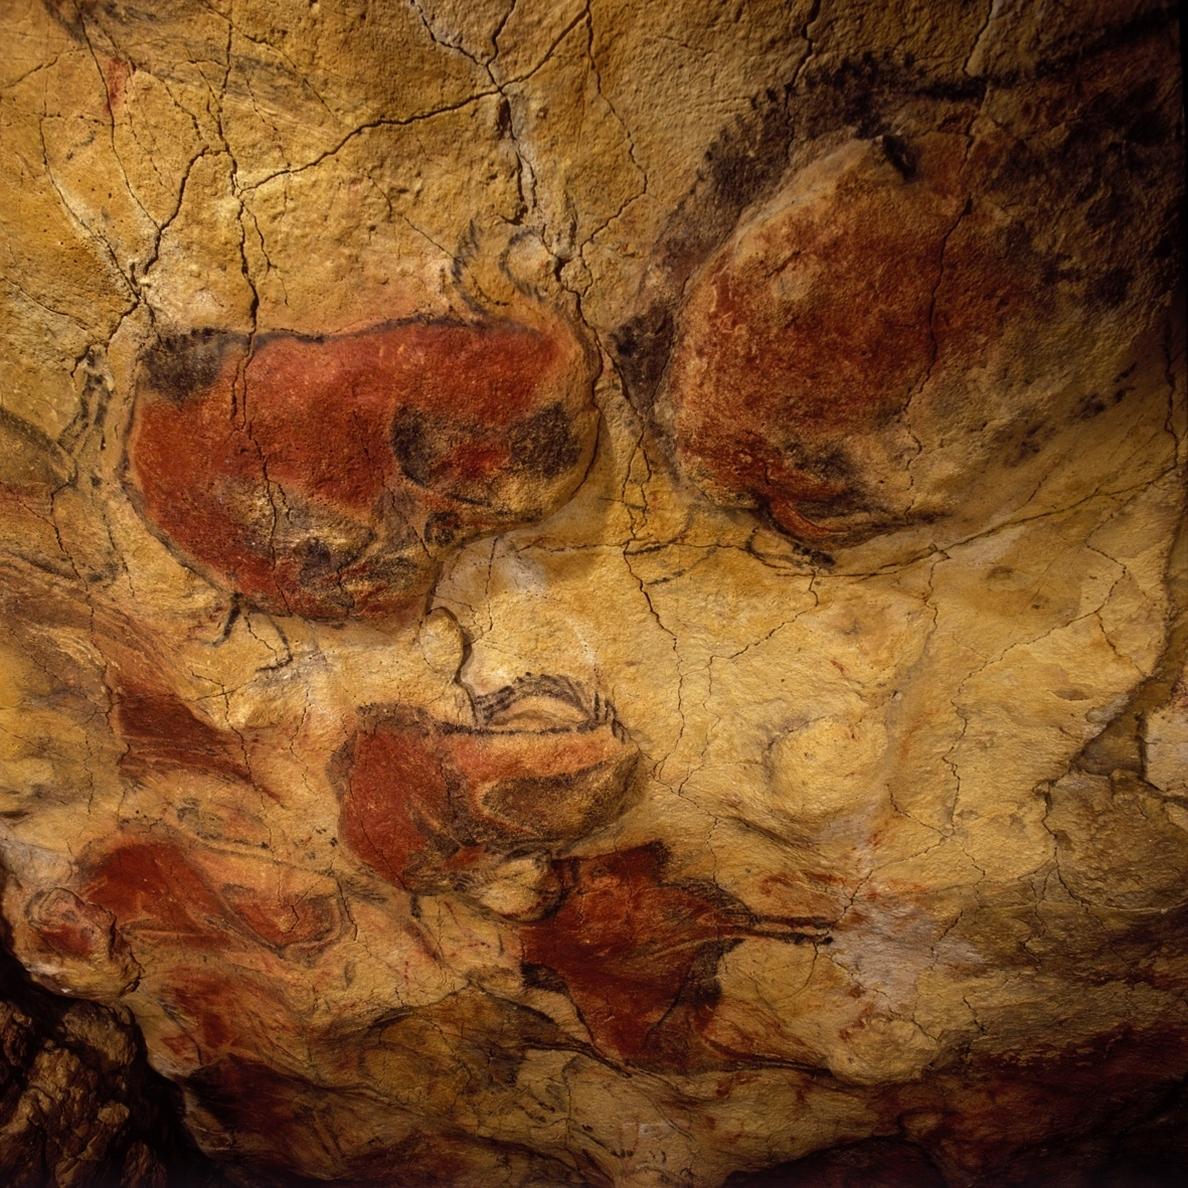 Las visitas experimentales con público a la cueva de Altamira comienzan este jueves